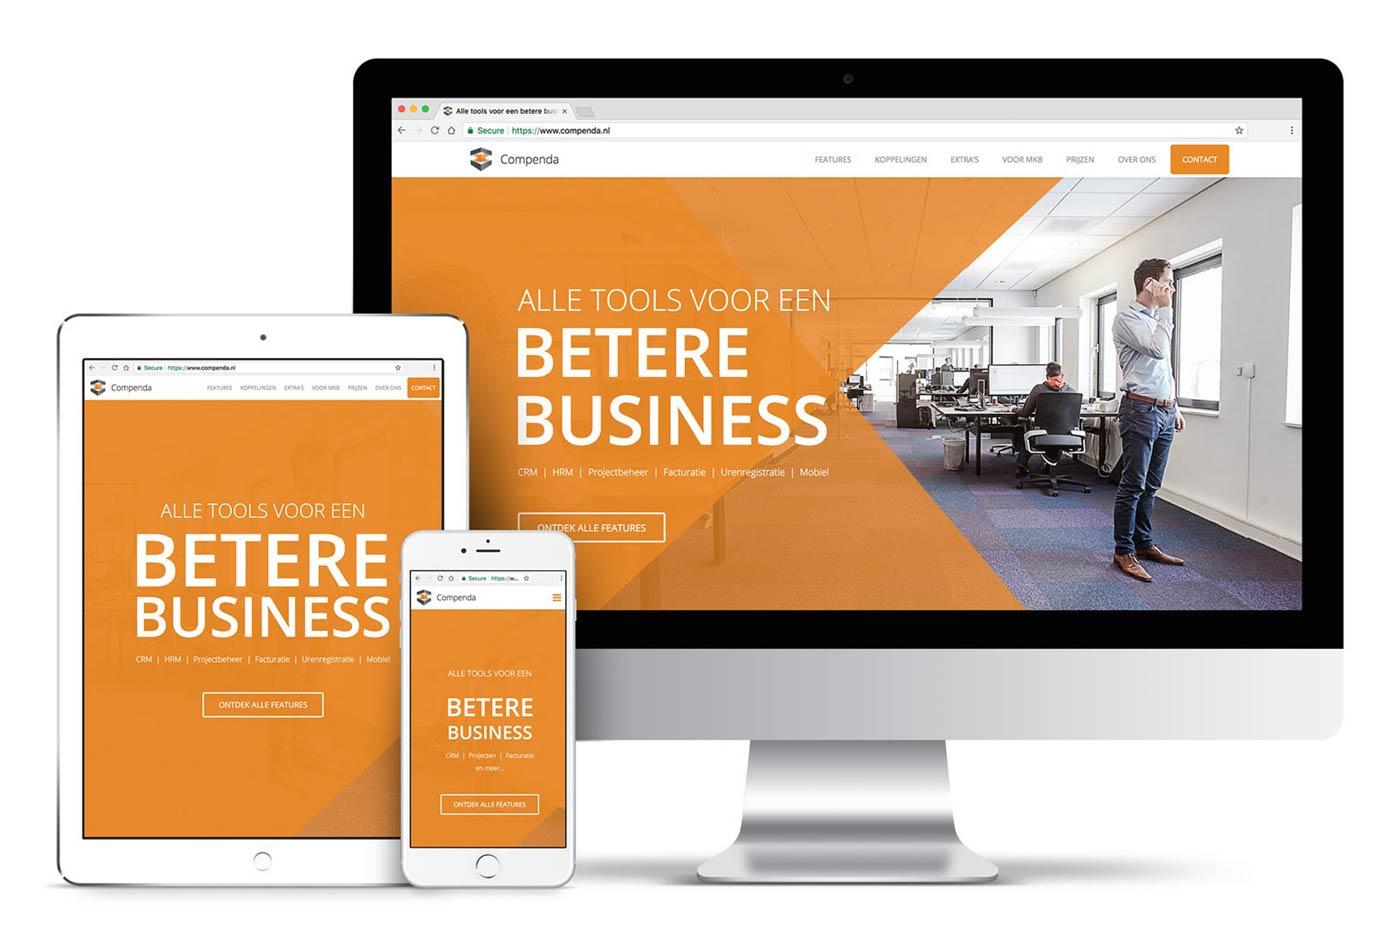 Professioneel webdesign portfolio - website van Compenda